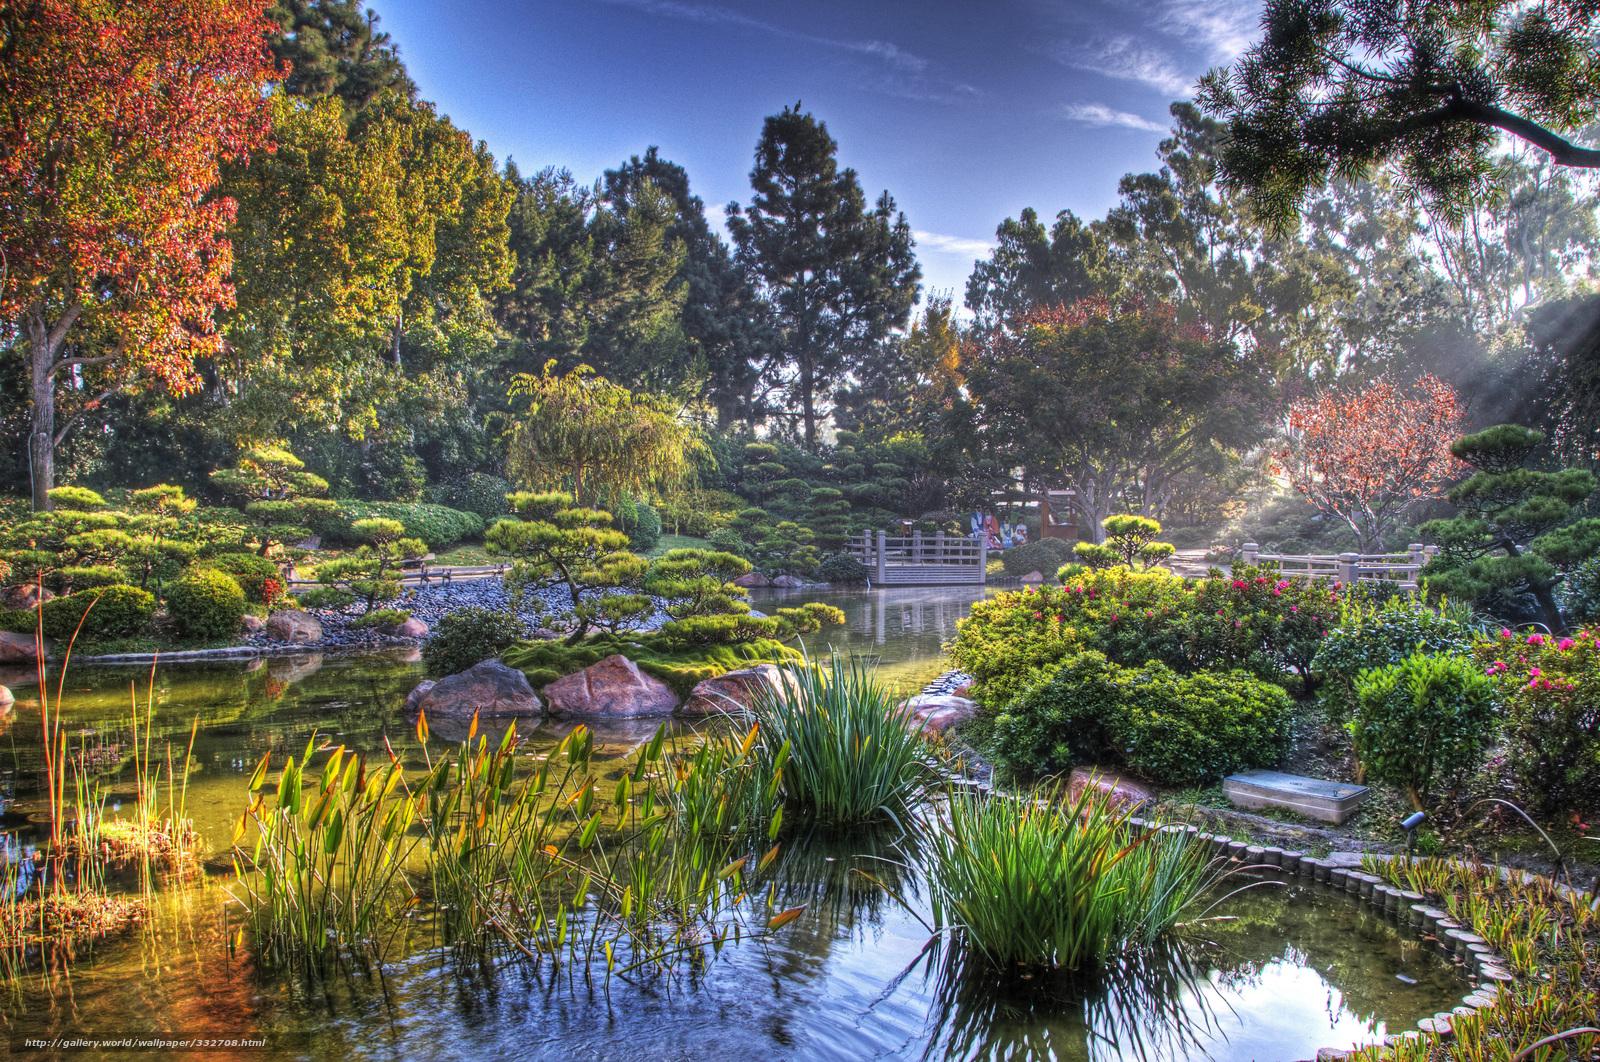 Tlcharger fond d 39 ecran japon jardin japonais tang fonds for Jardin japonais fond d ecran